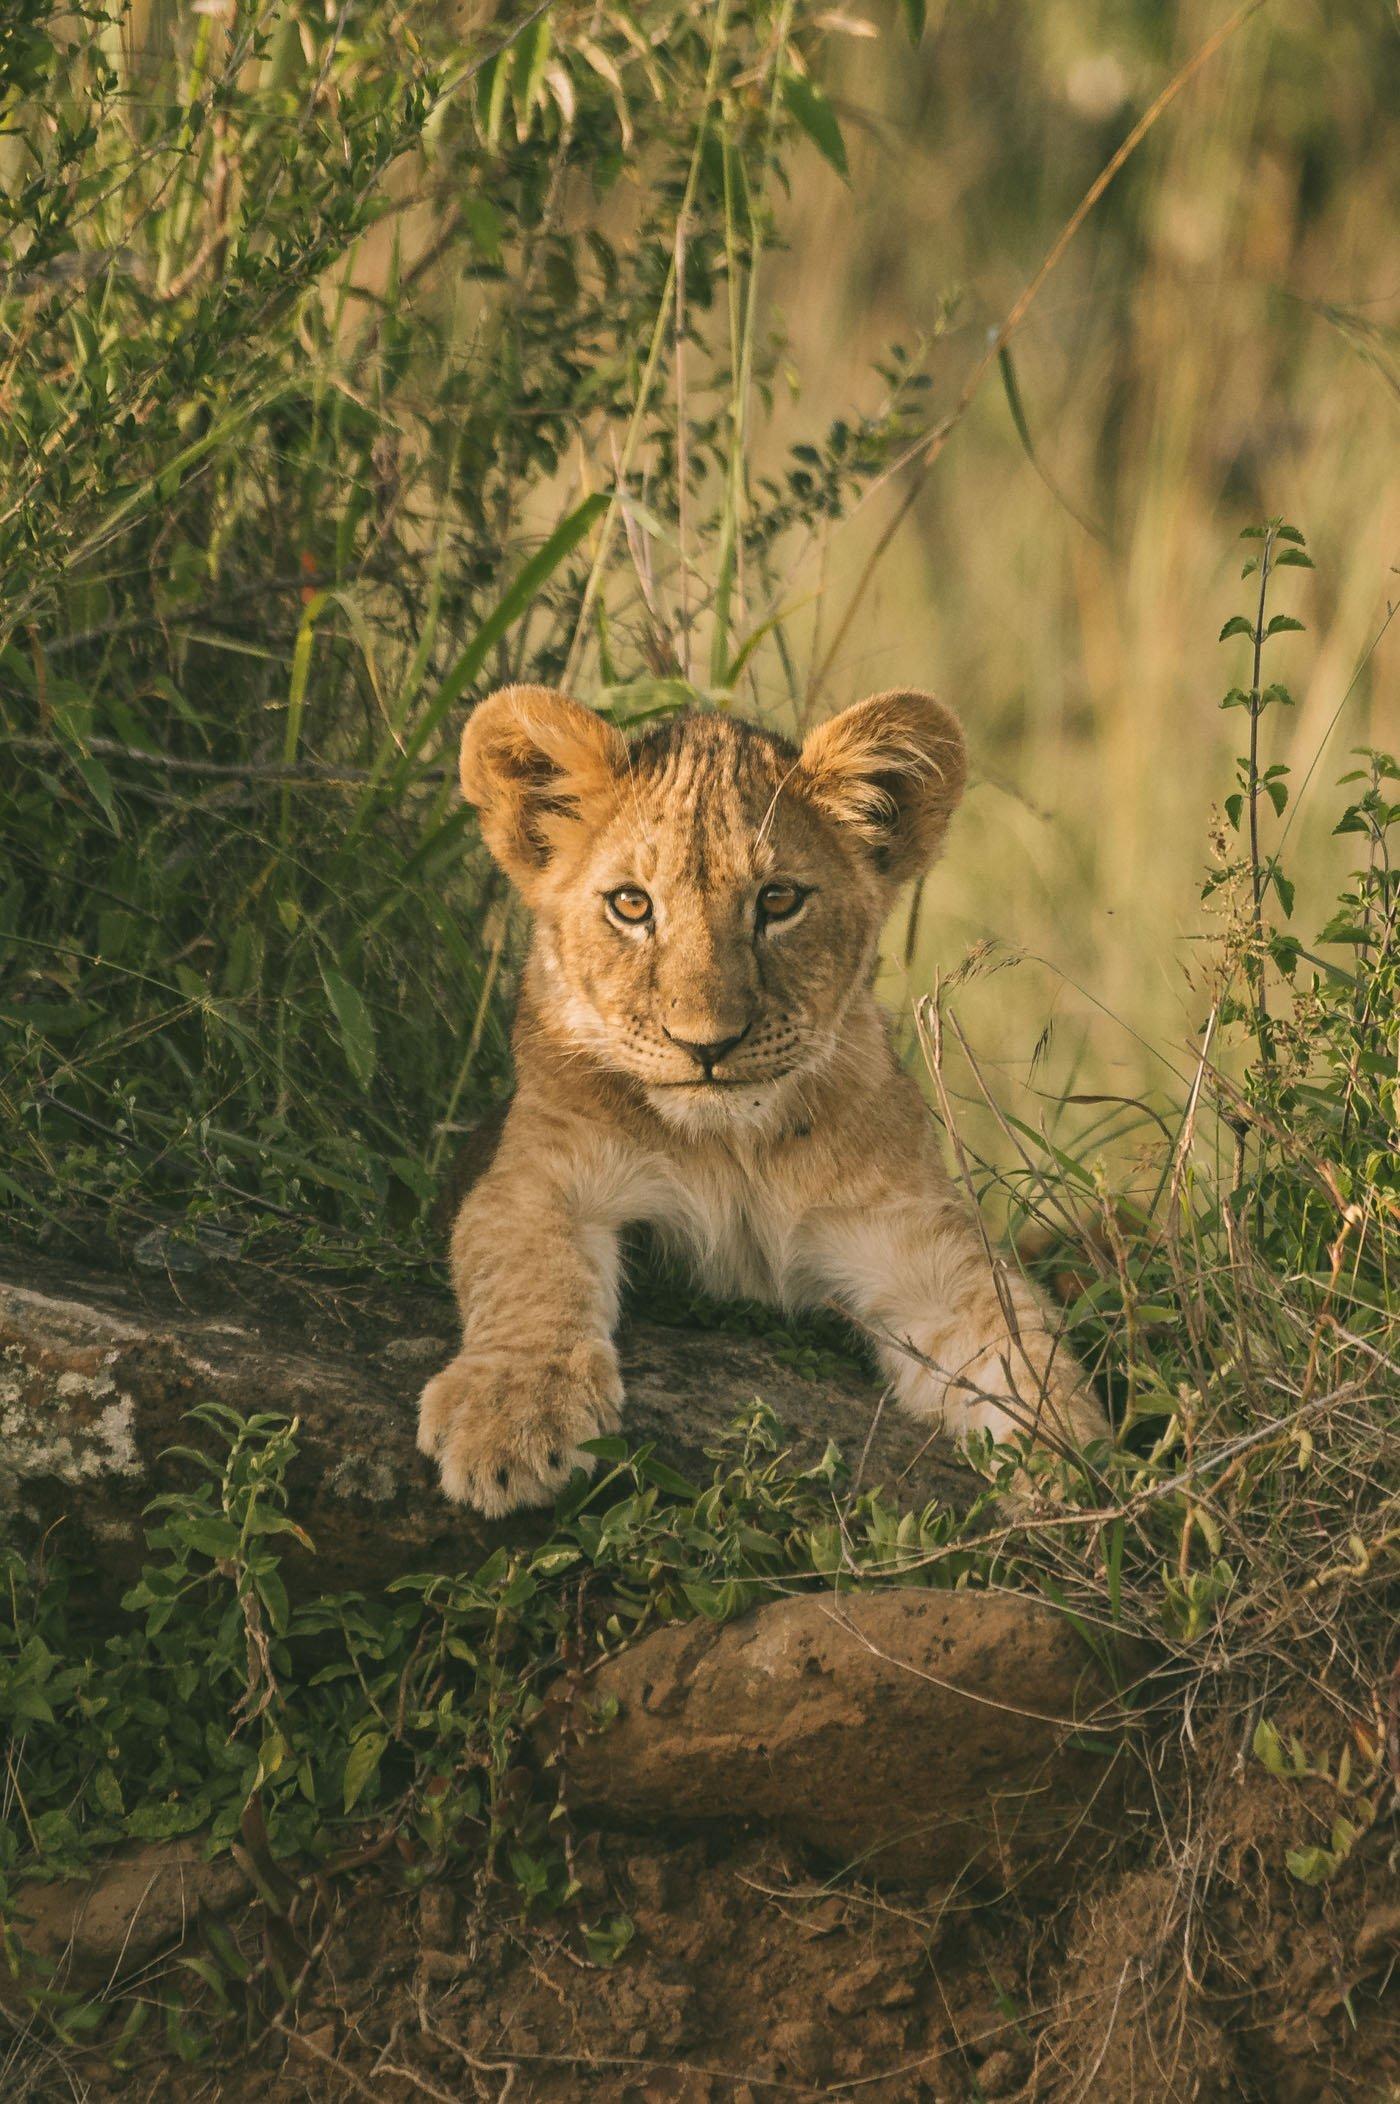 Lion cub in the Maasai Mara